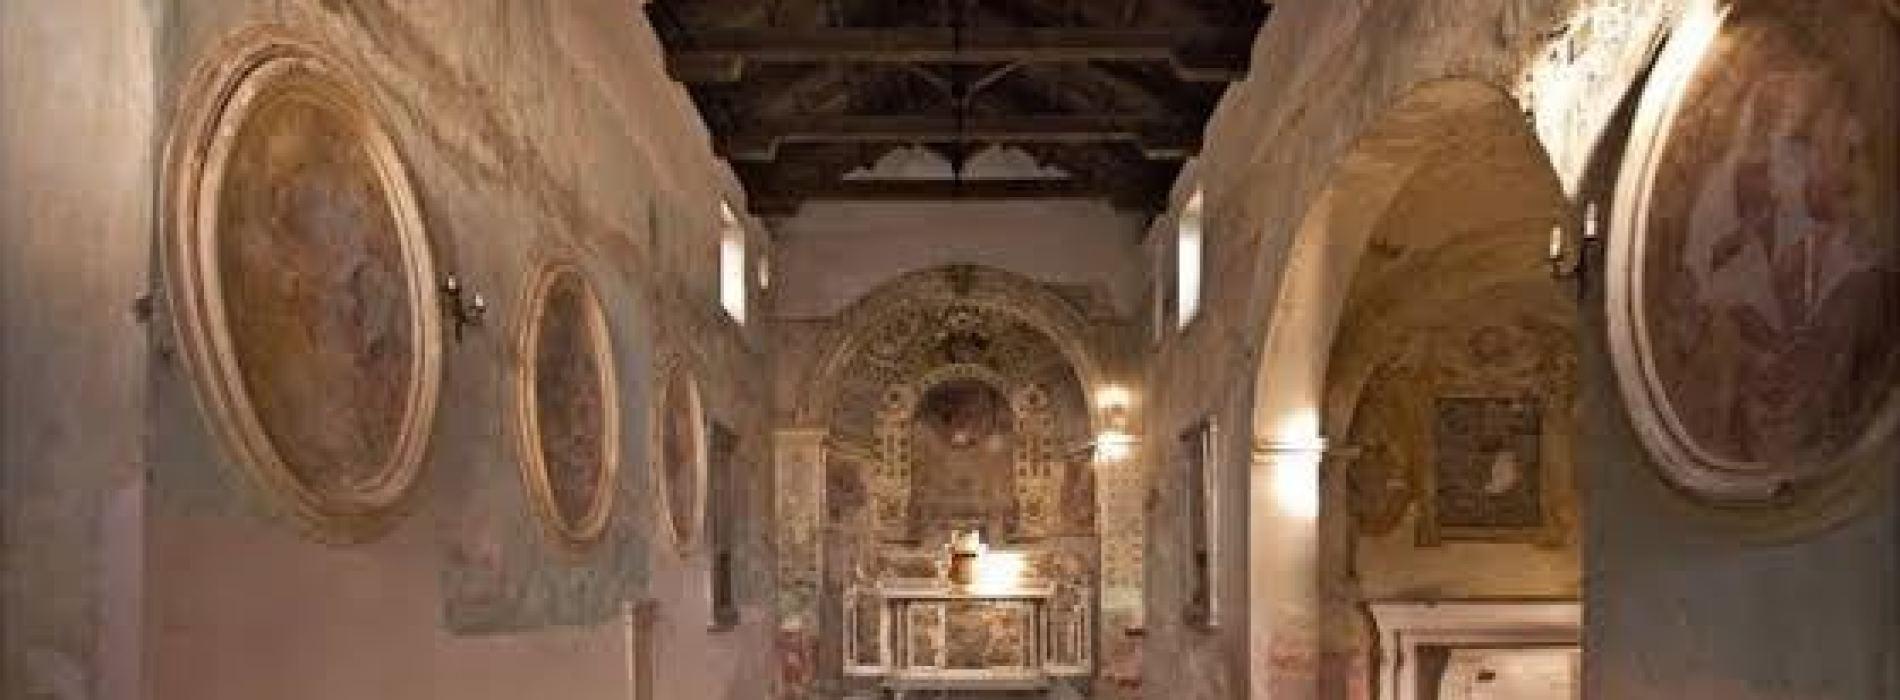 Caserta, apre le porte San Rufo. Il medioevo è prossimo futuro